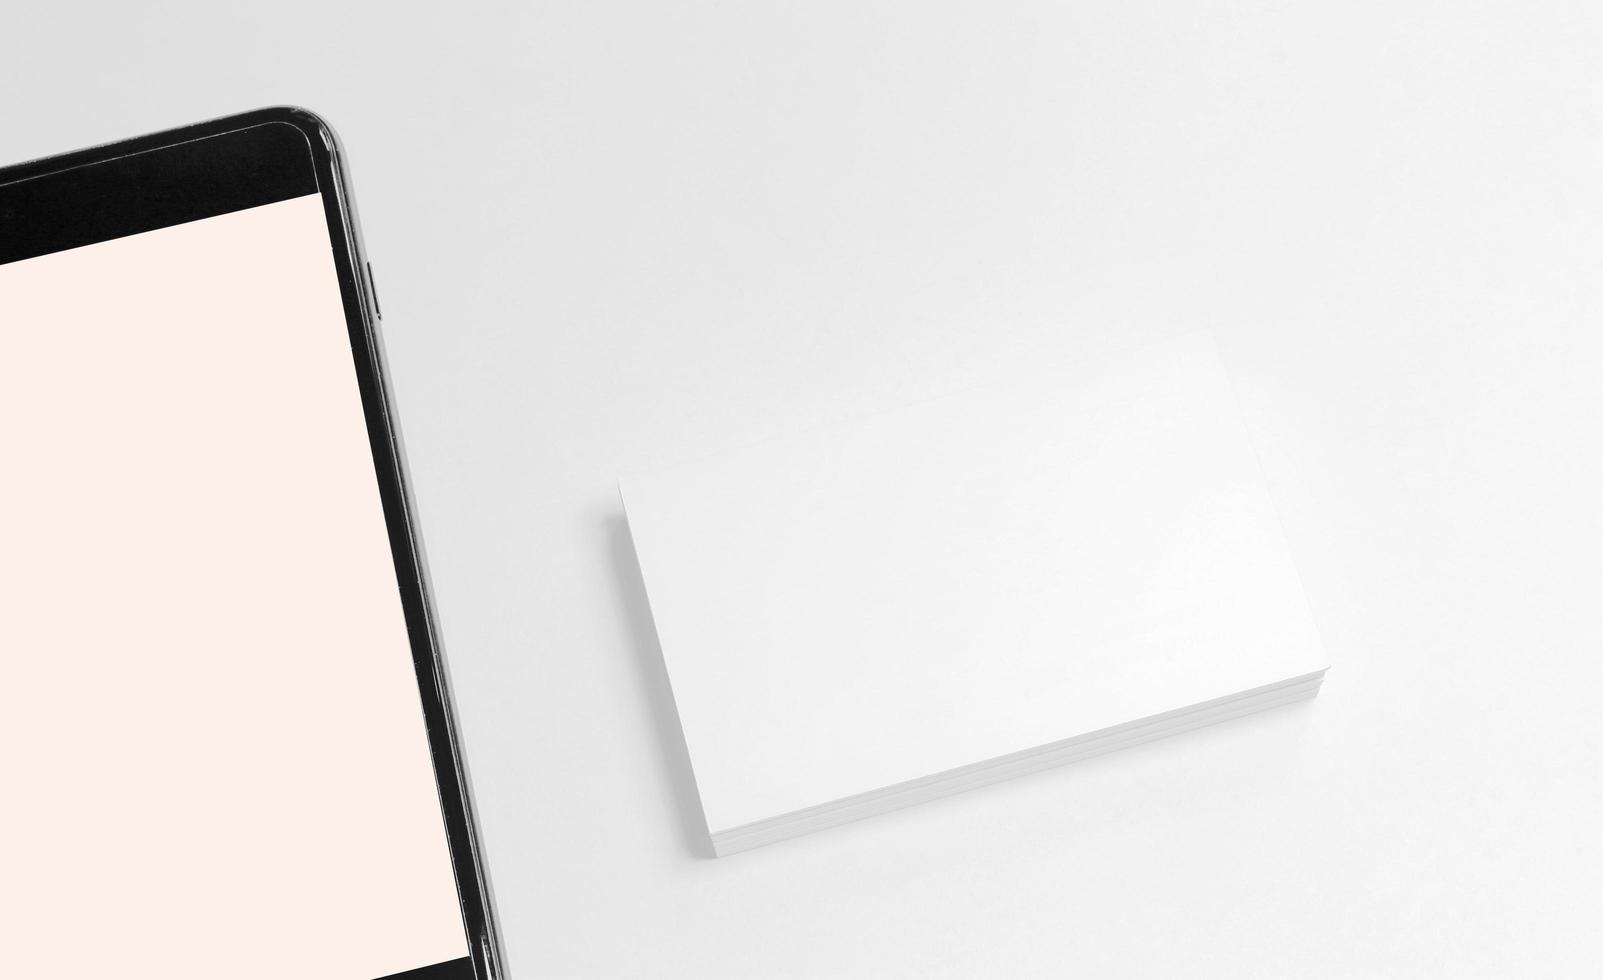 telefoon- en visitekaartjesmodel foto